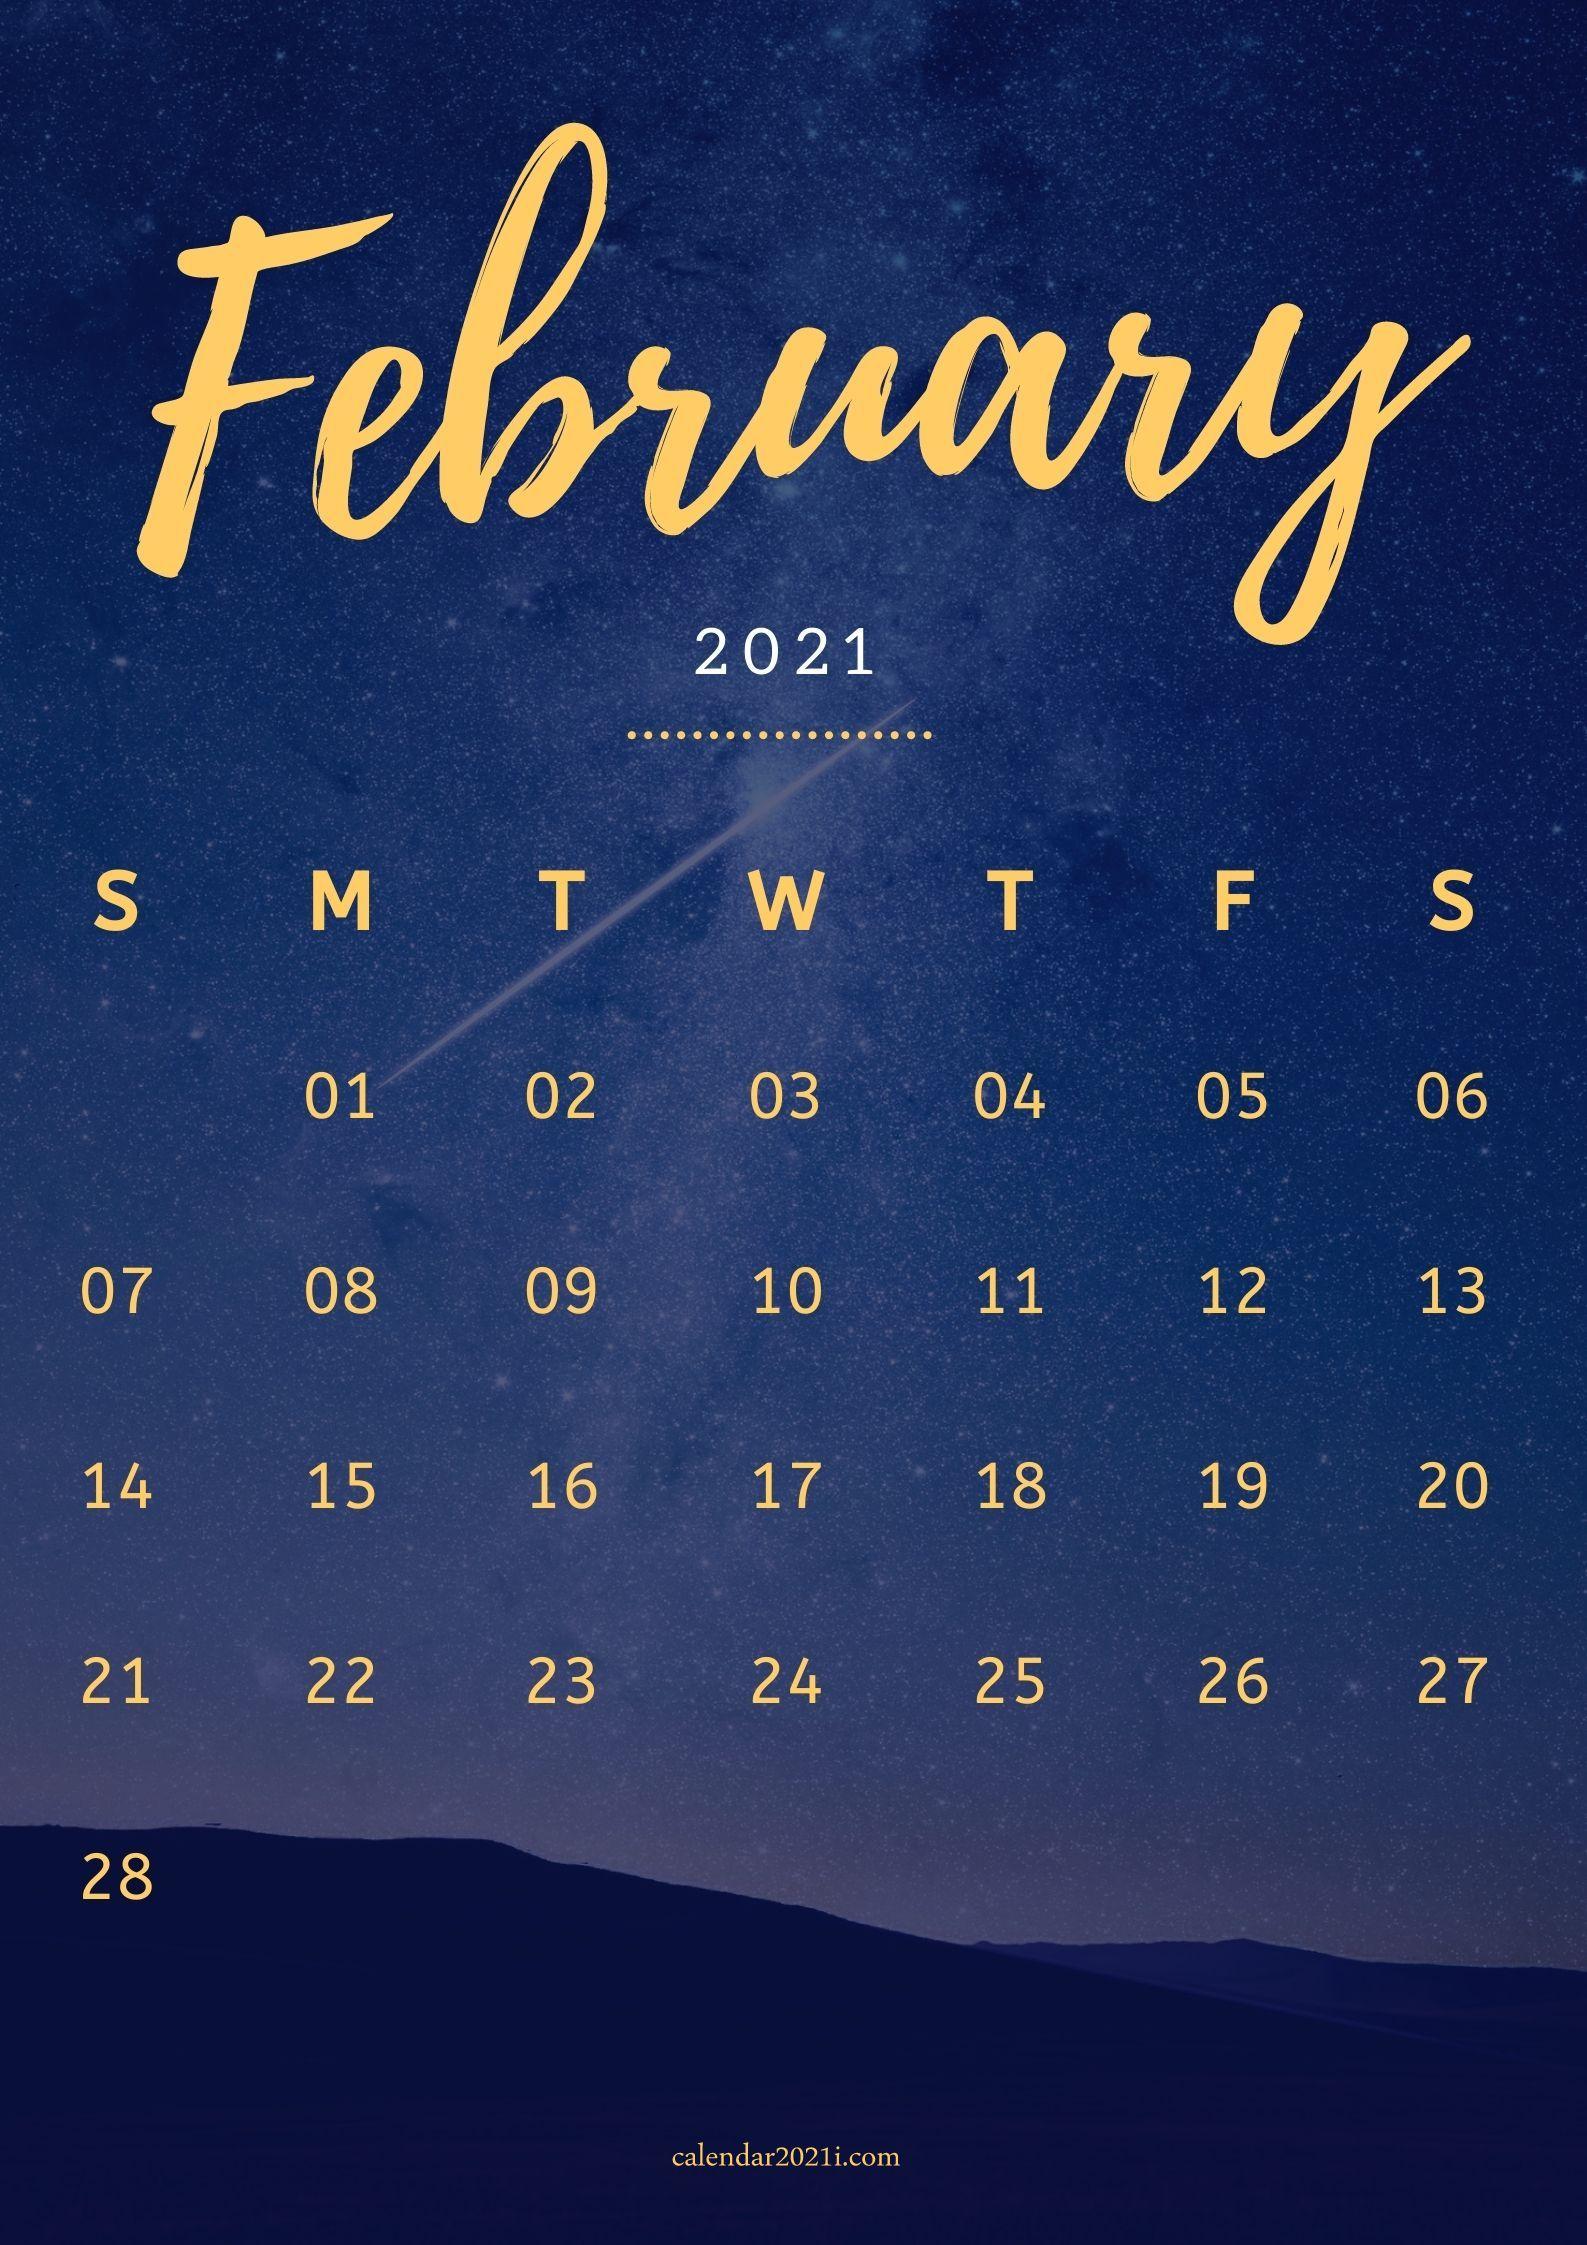 iPhone February 2021 Calendar Wallpapers Download Calendar 2021 1587x2245